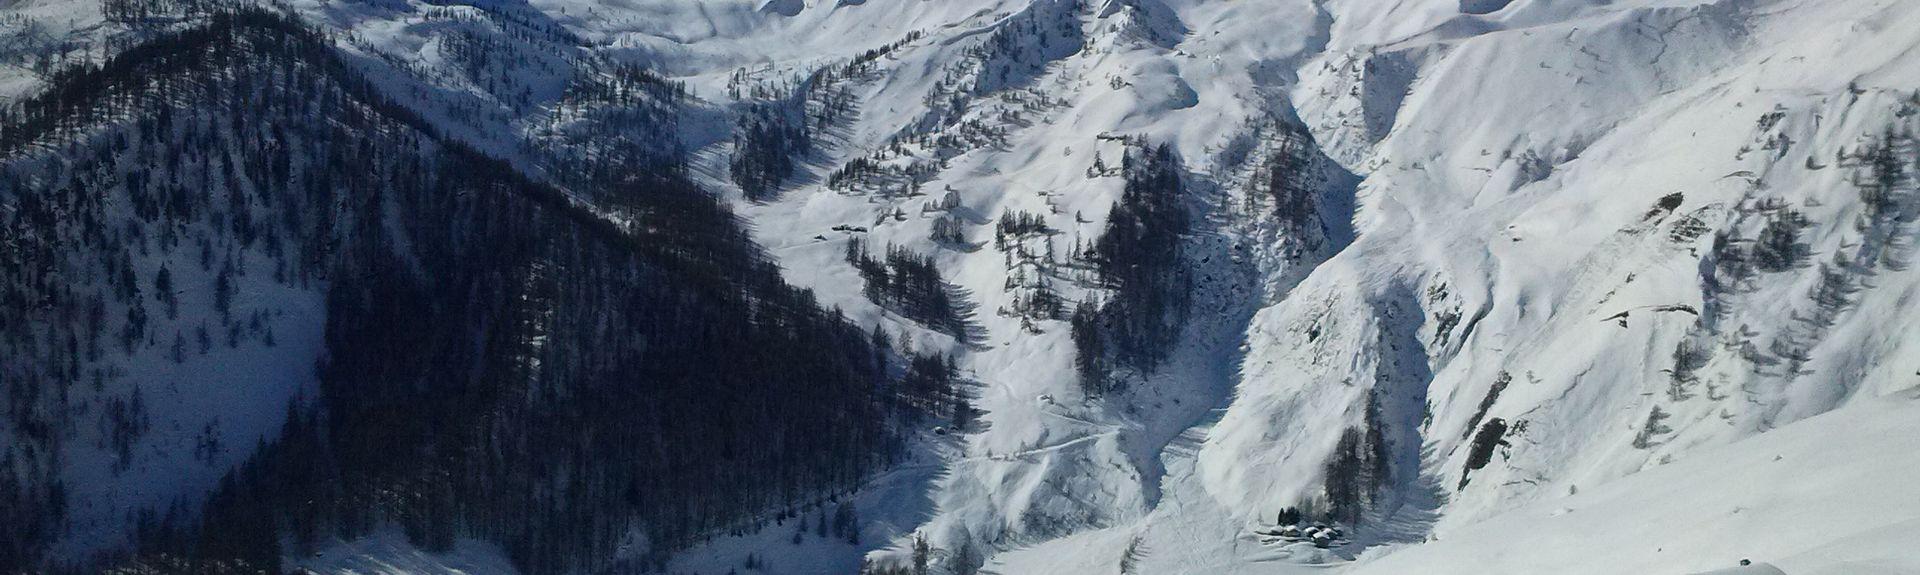 Avise, Aosta Valley, Italy